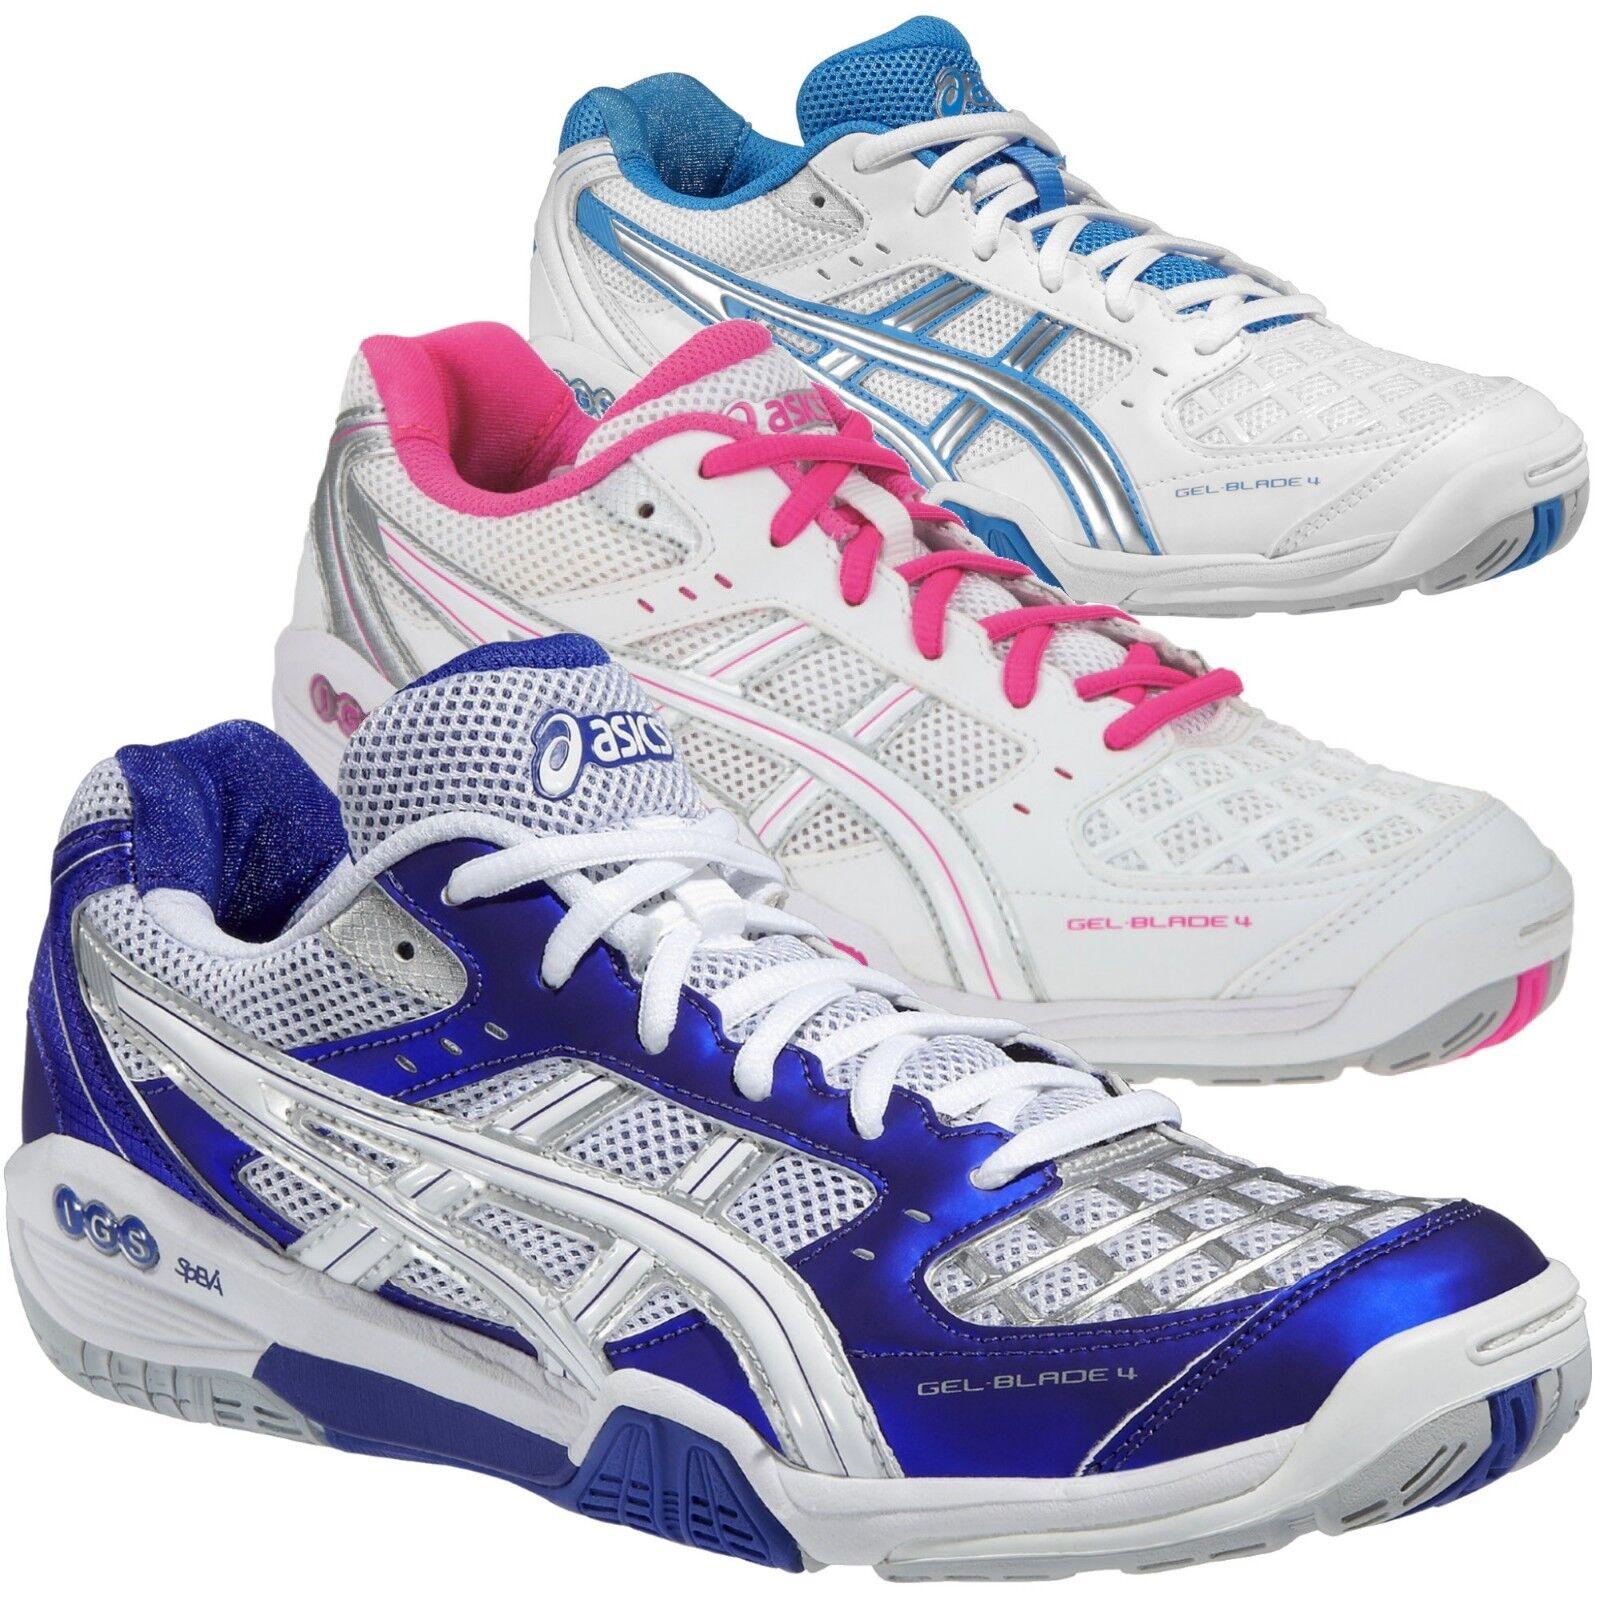 Asics GEL-BLADE 4 Damen Hallenschuhe Multicourt/Badminton/Squash R355N 3 Farben